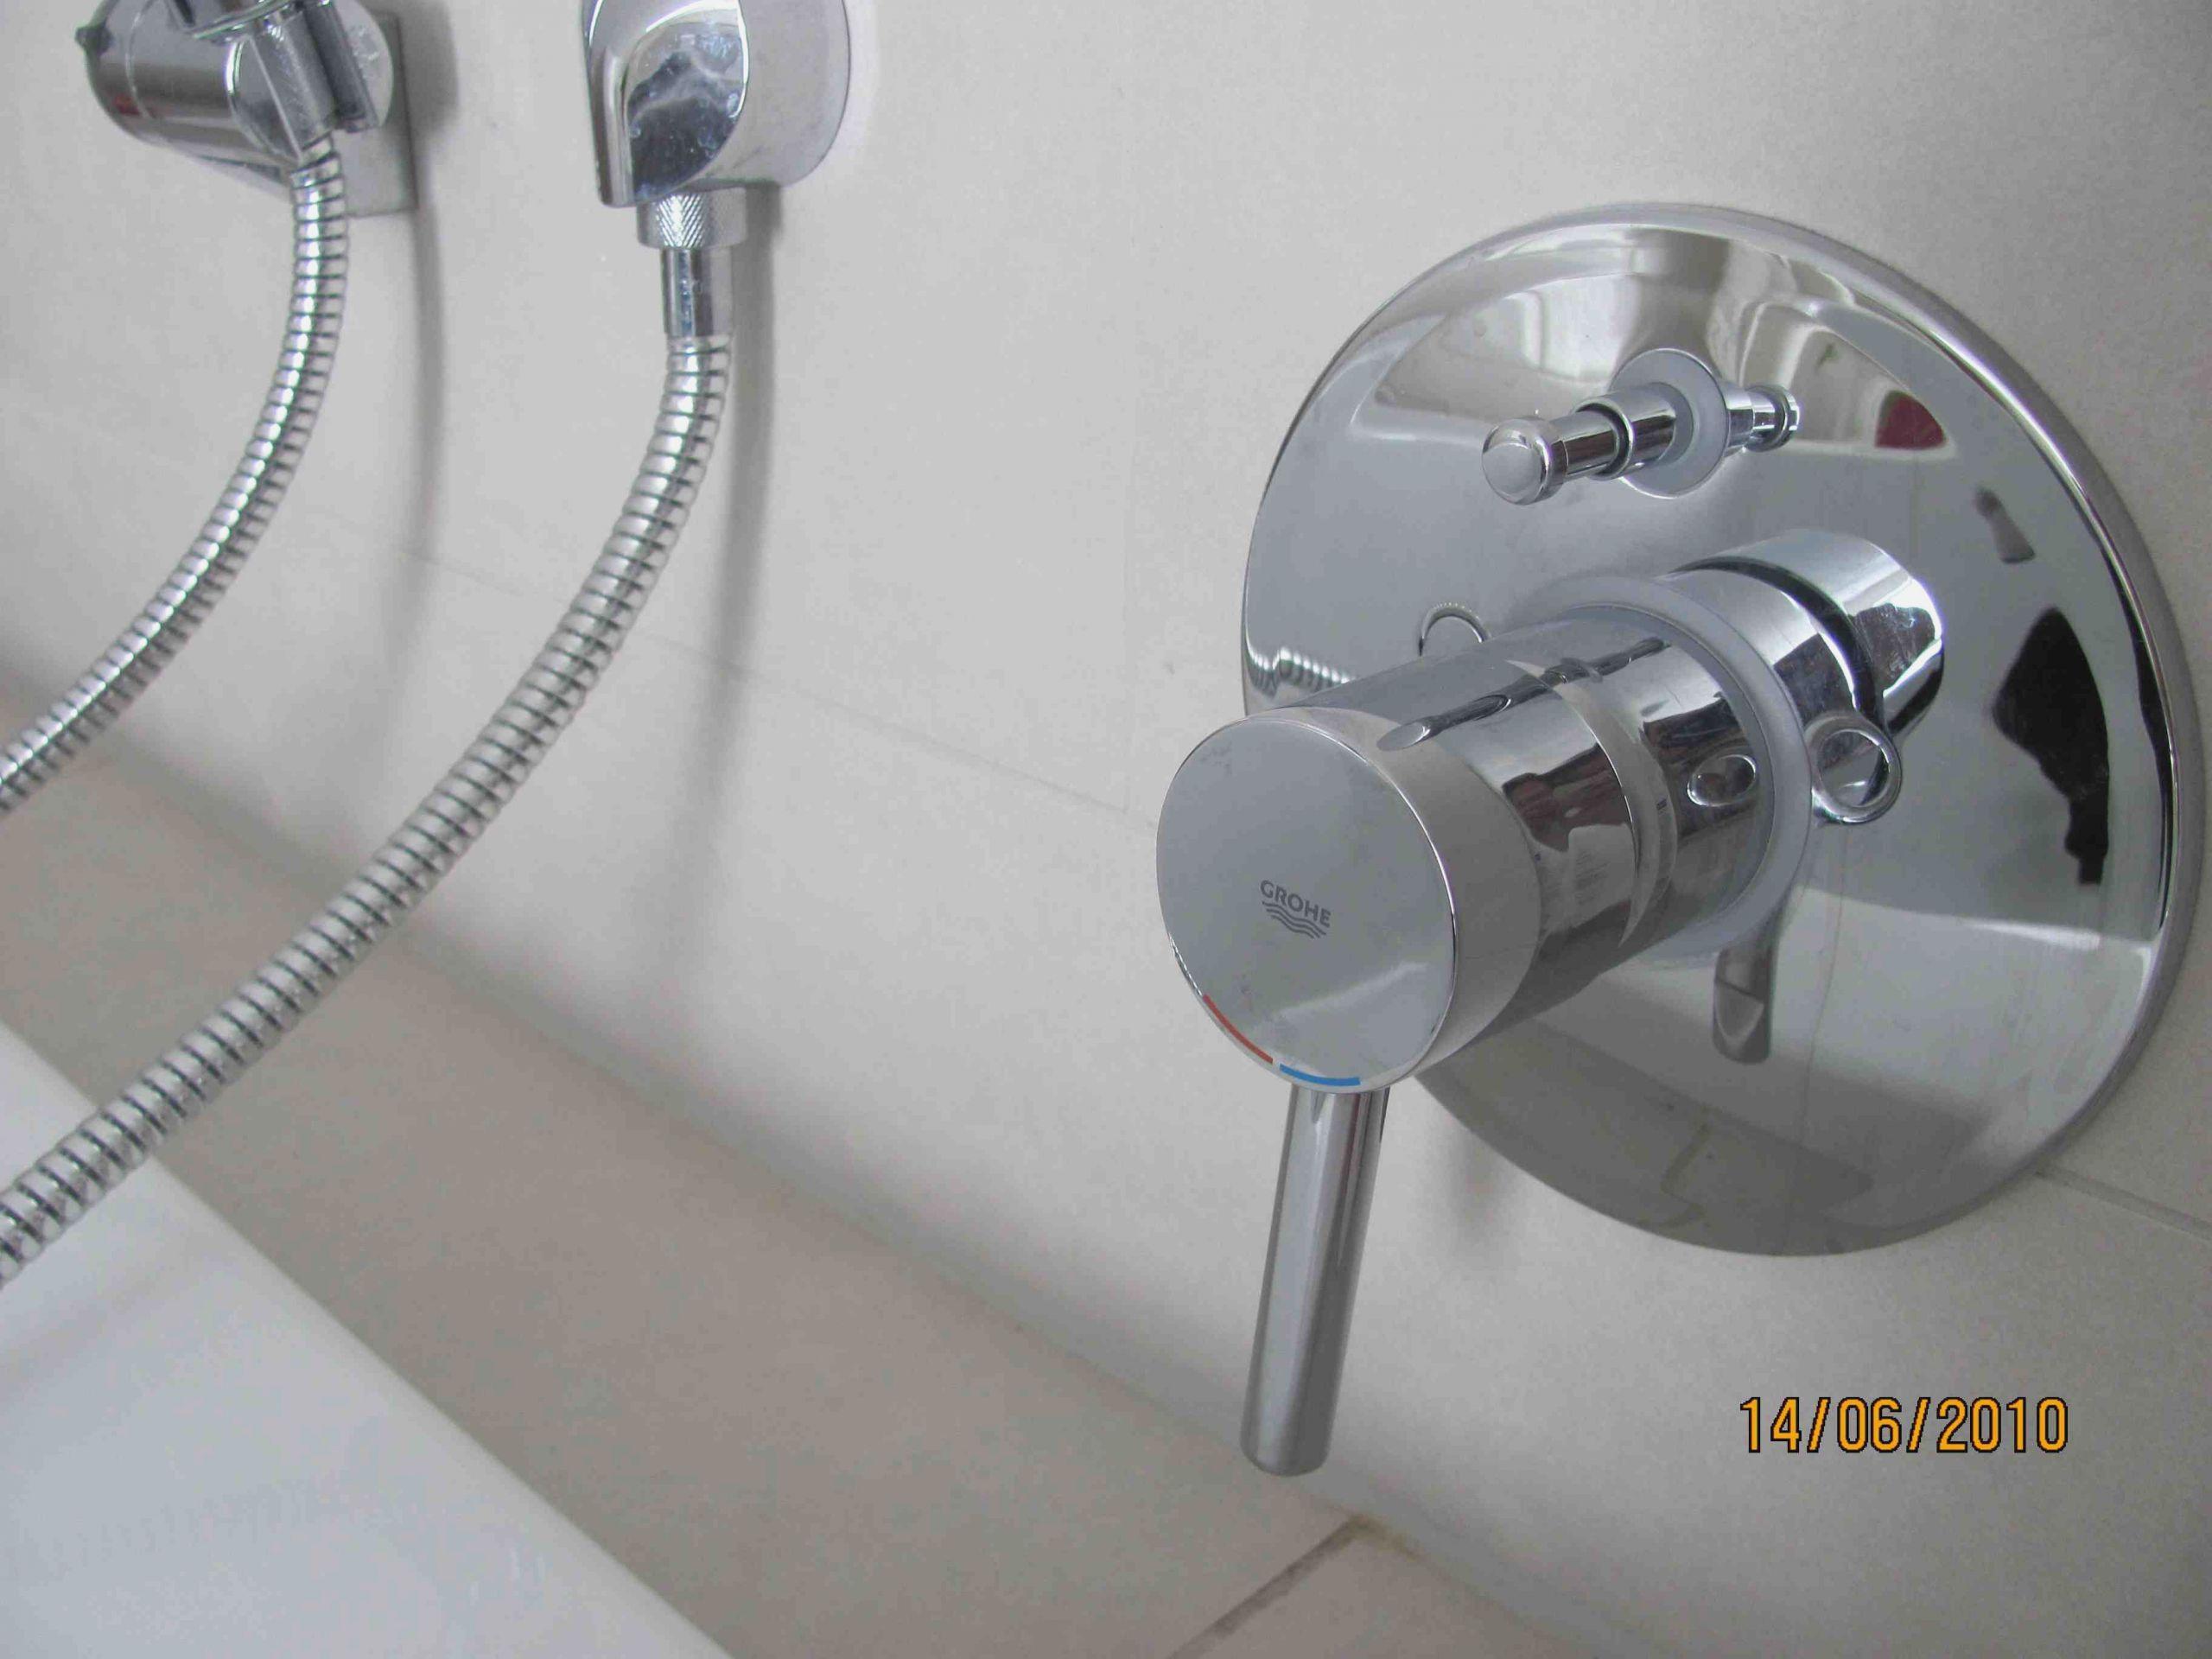 Full Size of Grohe Thermostat Dusche Unterputz Sprinz Duschen Schiebetür Glaswand Glasabtrennung Bodengleiche Nischentür Badewanne Mit Komplett Set Tür Und Abfluss Dusche Grohe Thermostat Dusche